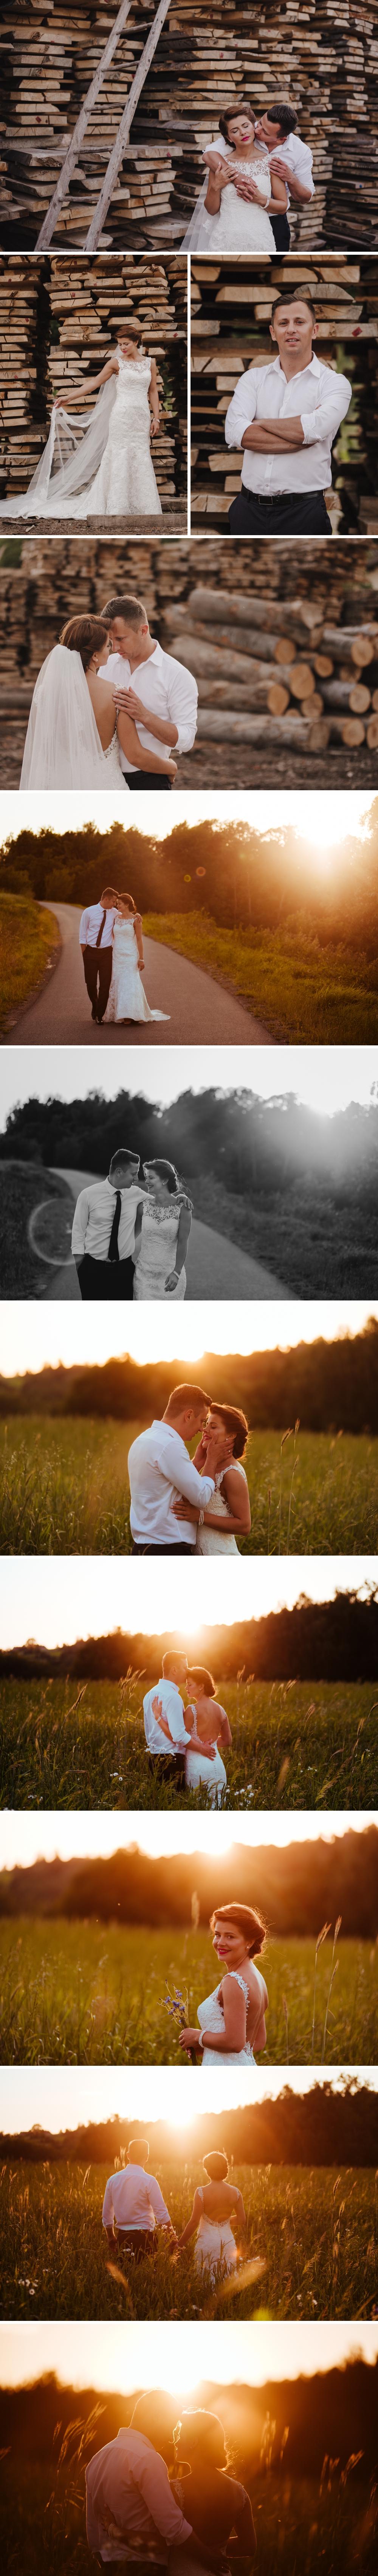 plener ślubny, plener w lesie, fotograf ślubny, fotografia ślubna, fotograf ślubny kraków